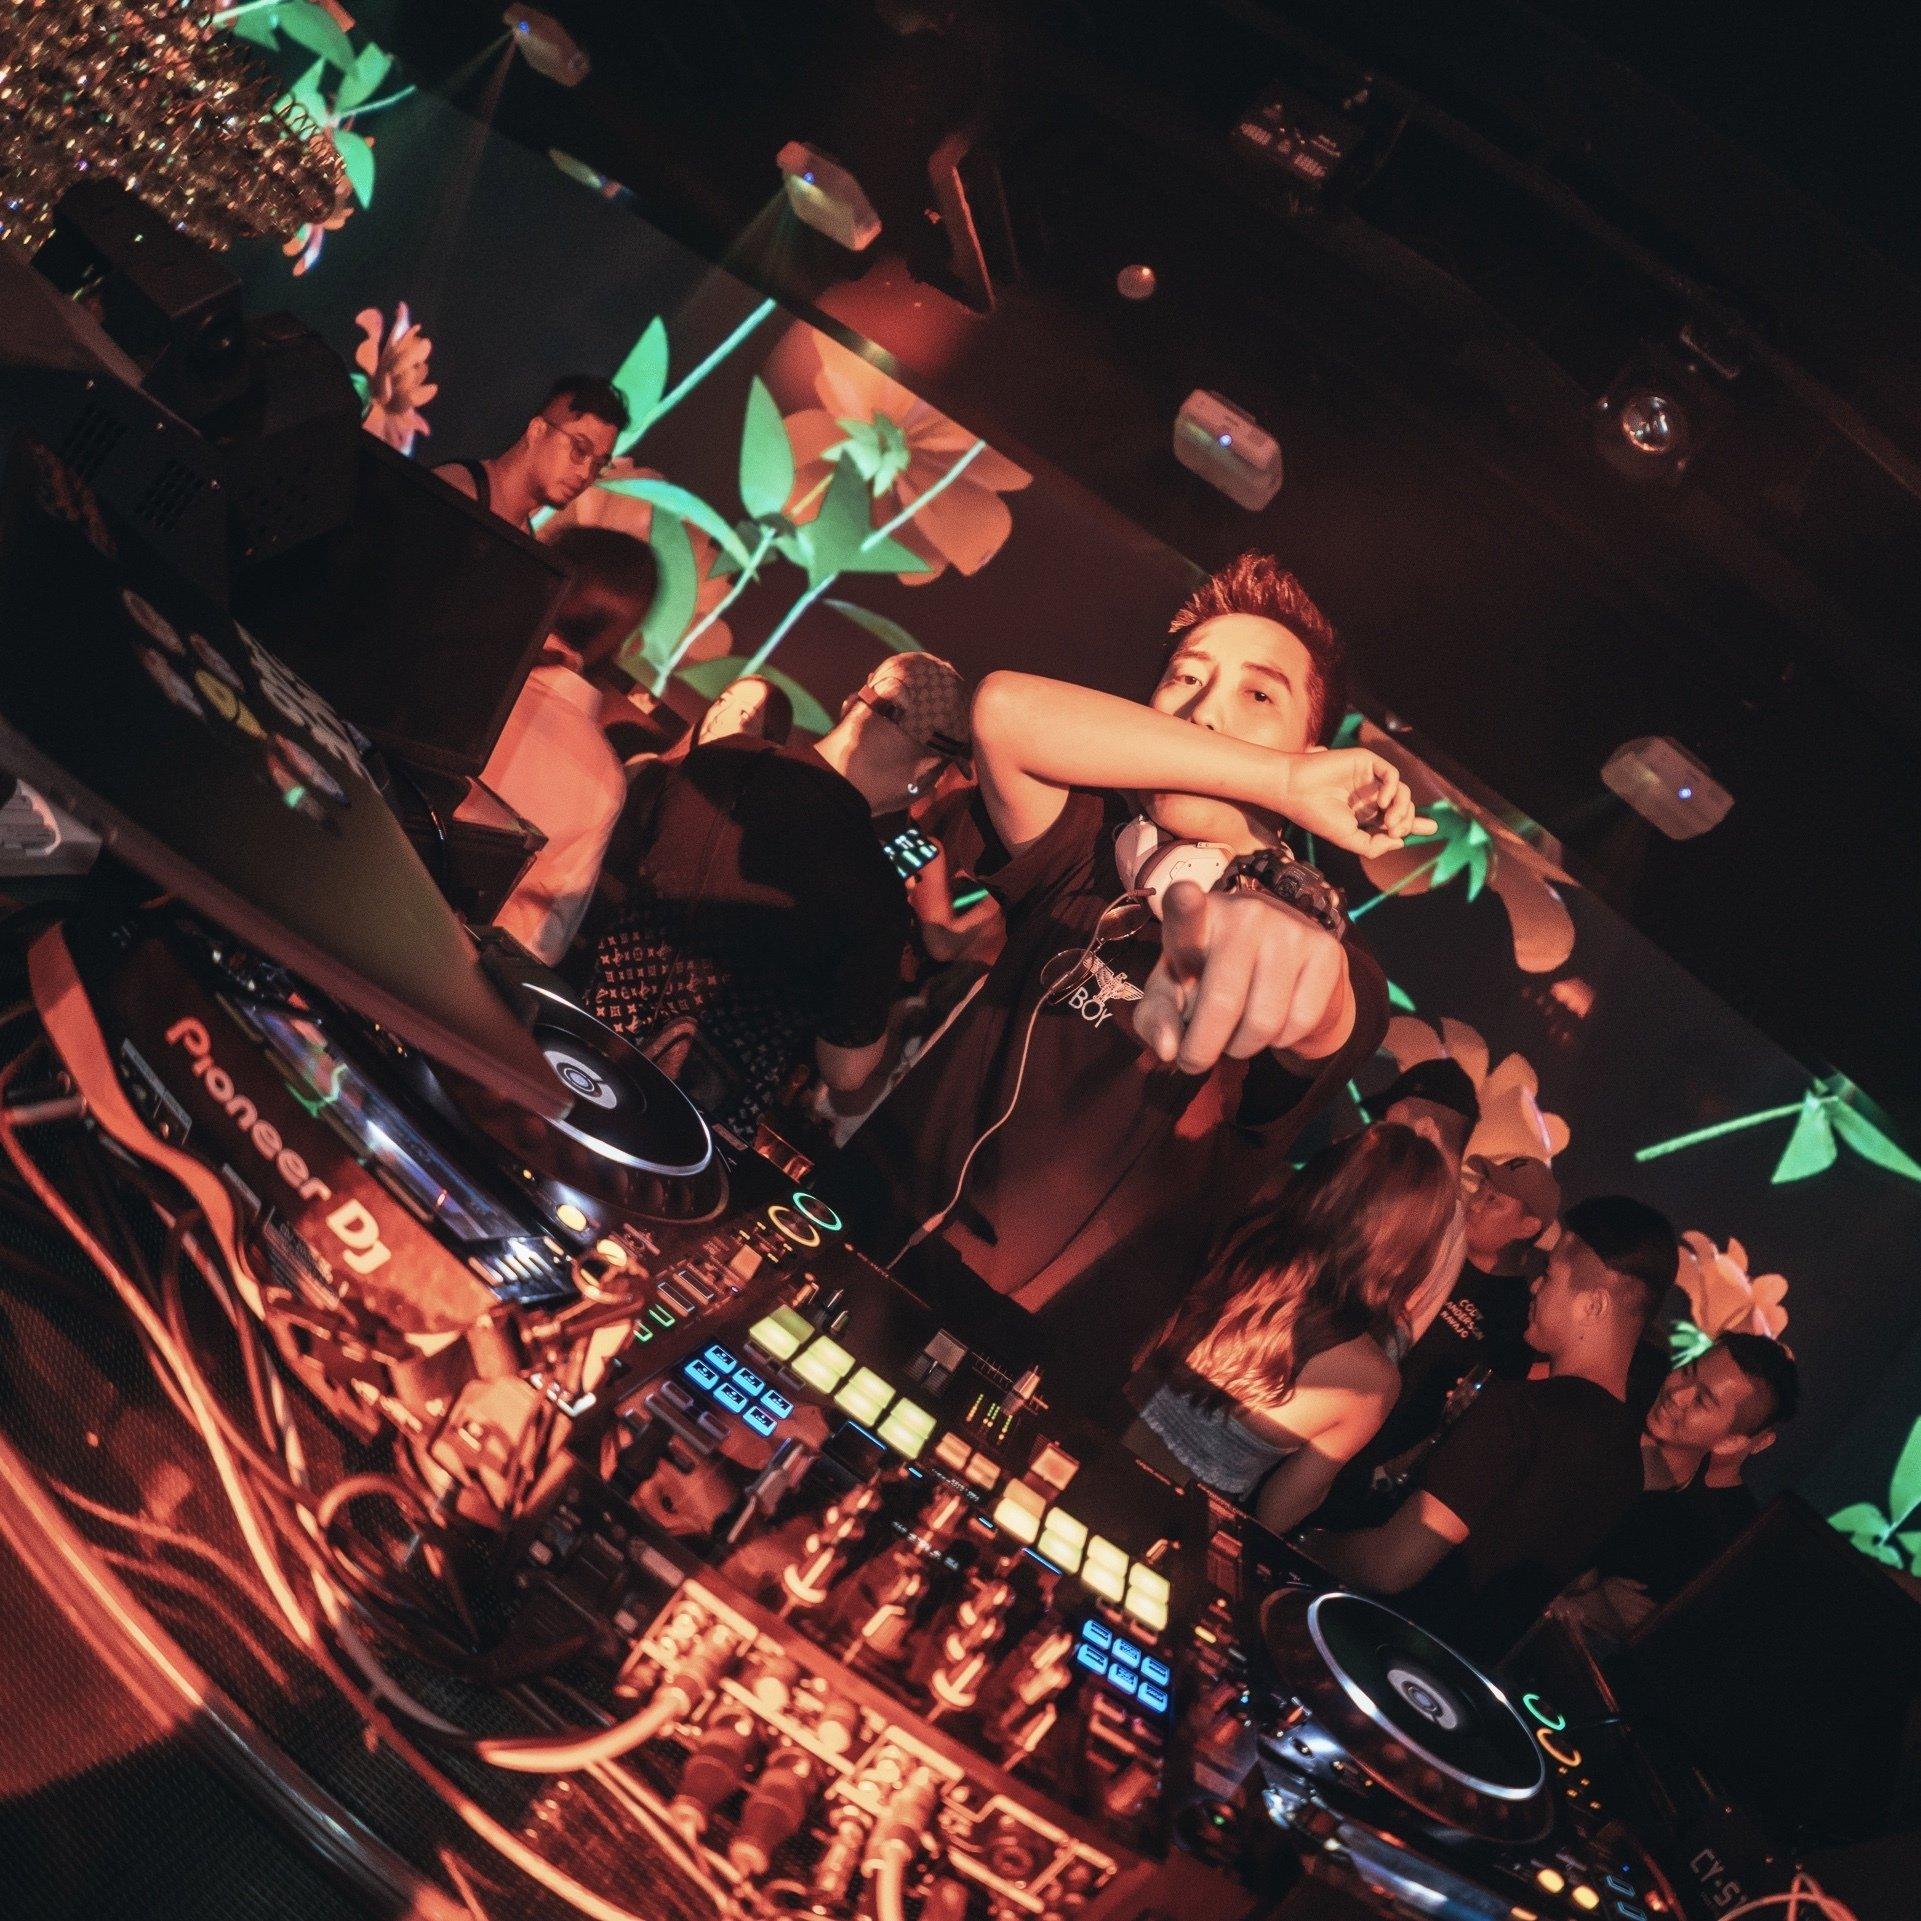 nightclub and DJ